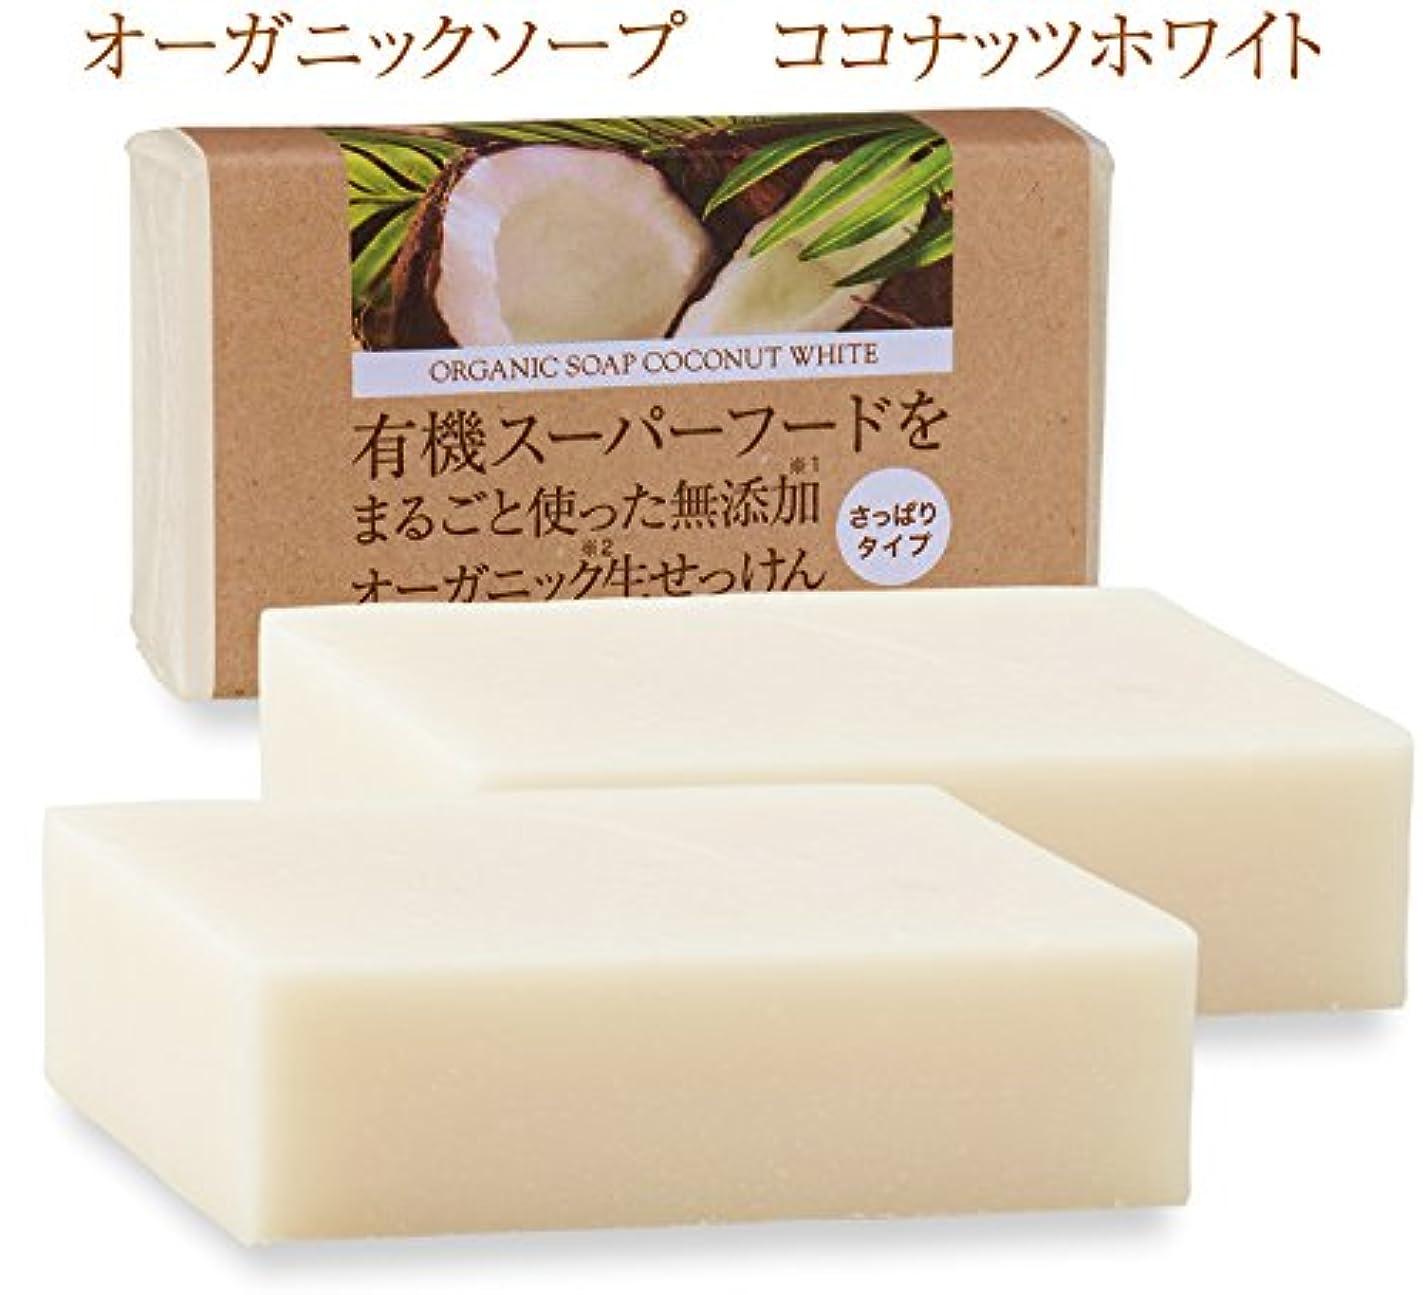 有機ココナッツオイルをまるごと使った無添加オーガニック生せっけん(枠練)Organic Raw Soap Coconut White 80g 2個 コールドプロセス製法 (日本製)